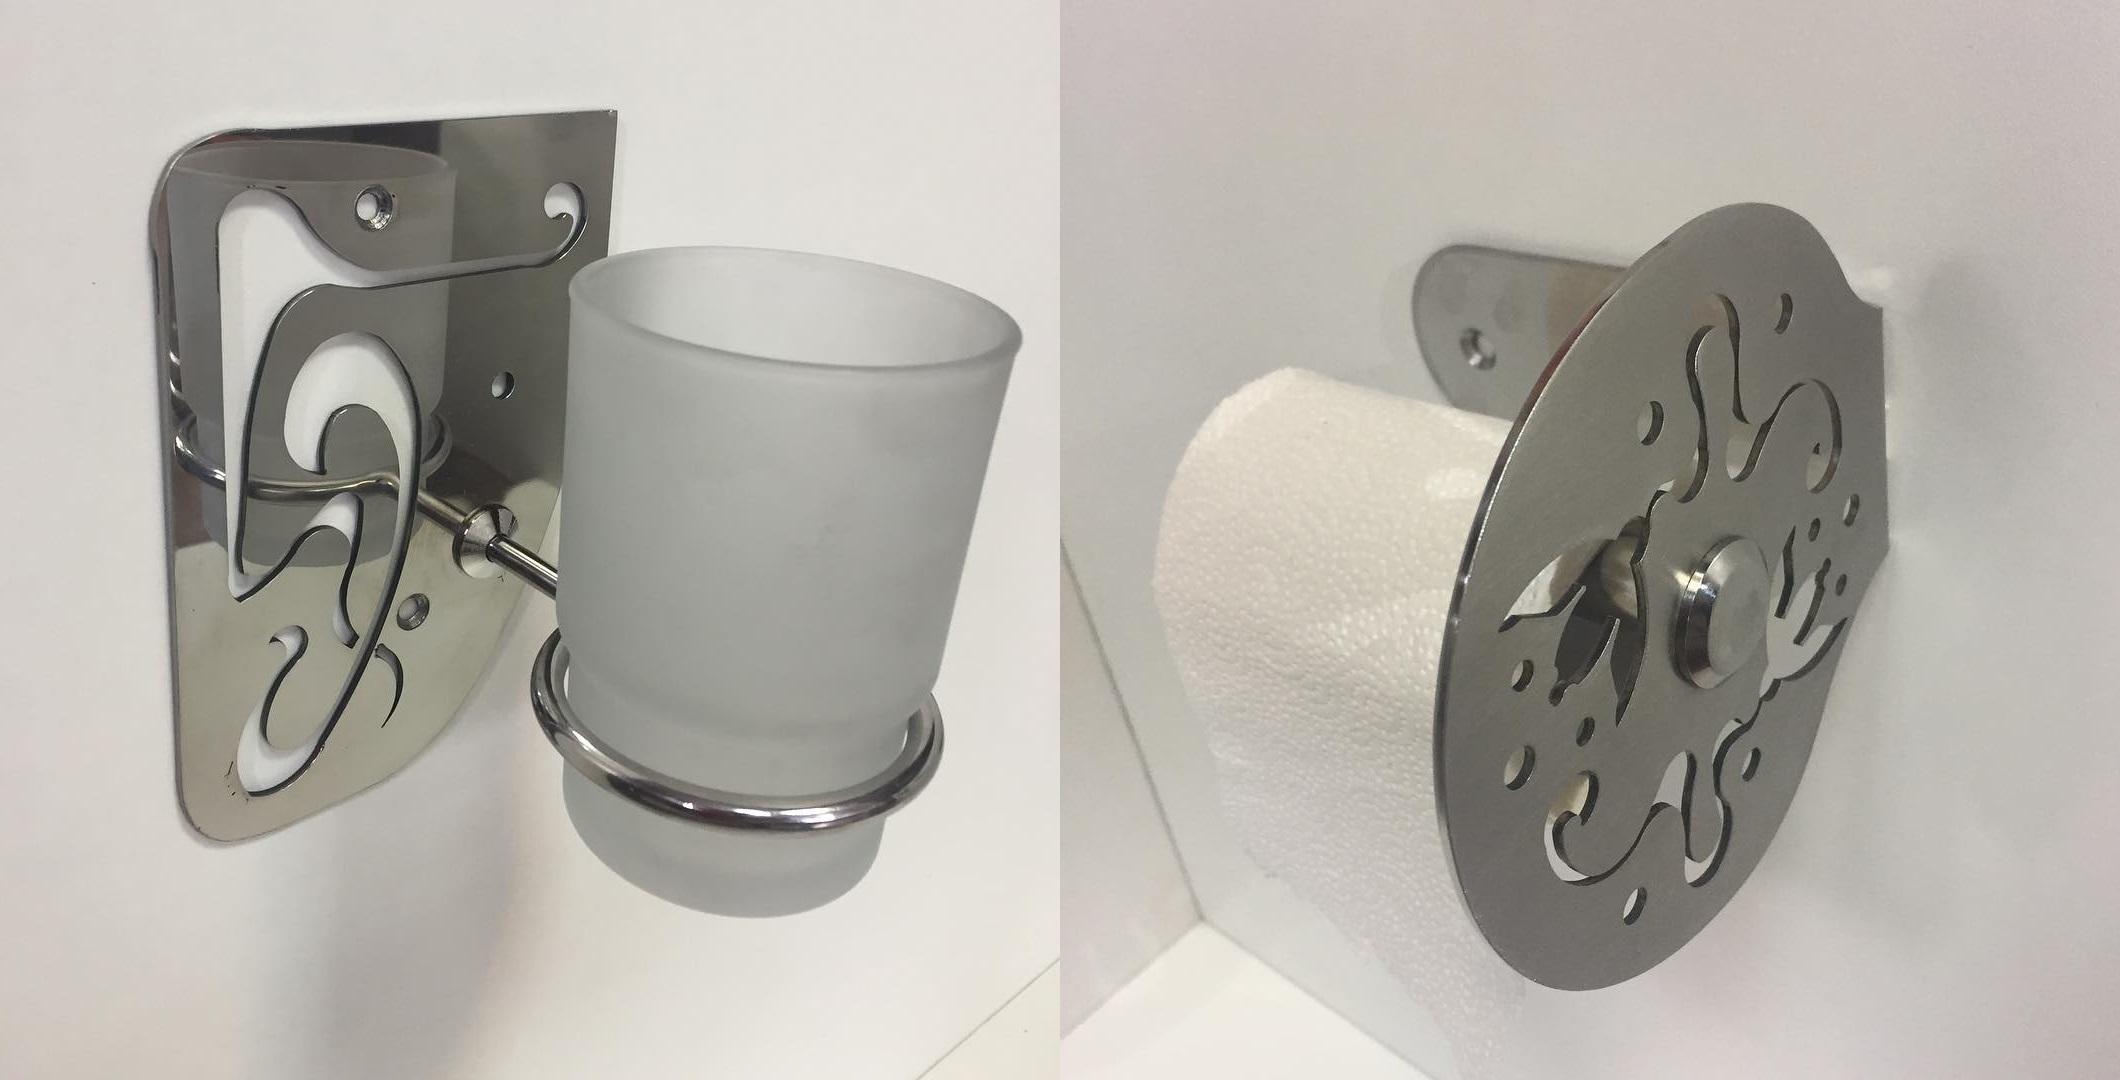 металлические аксессуары для ванной